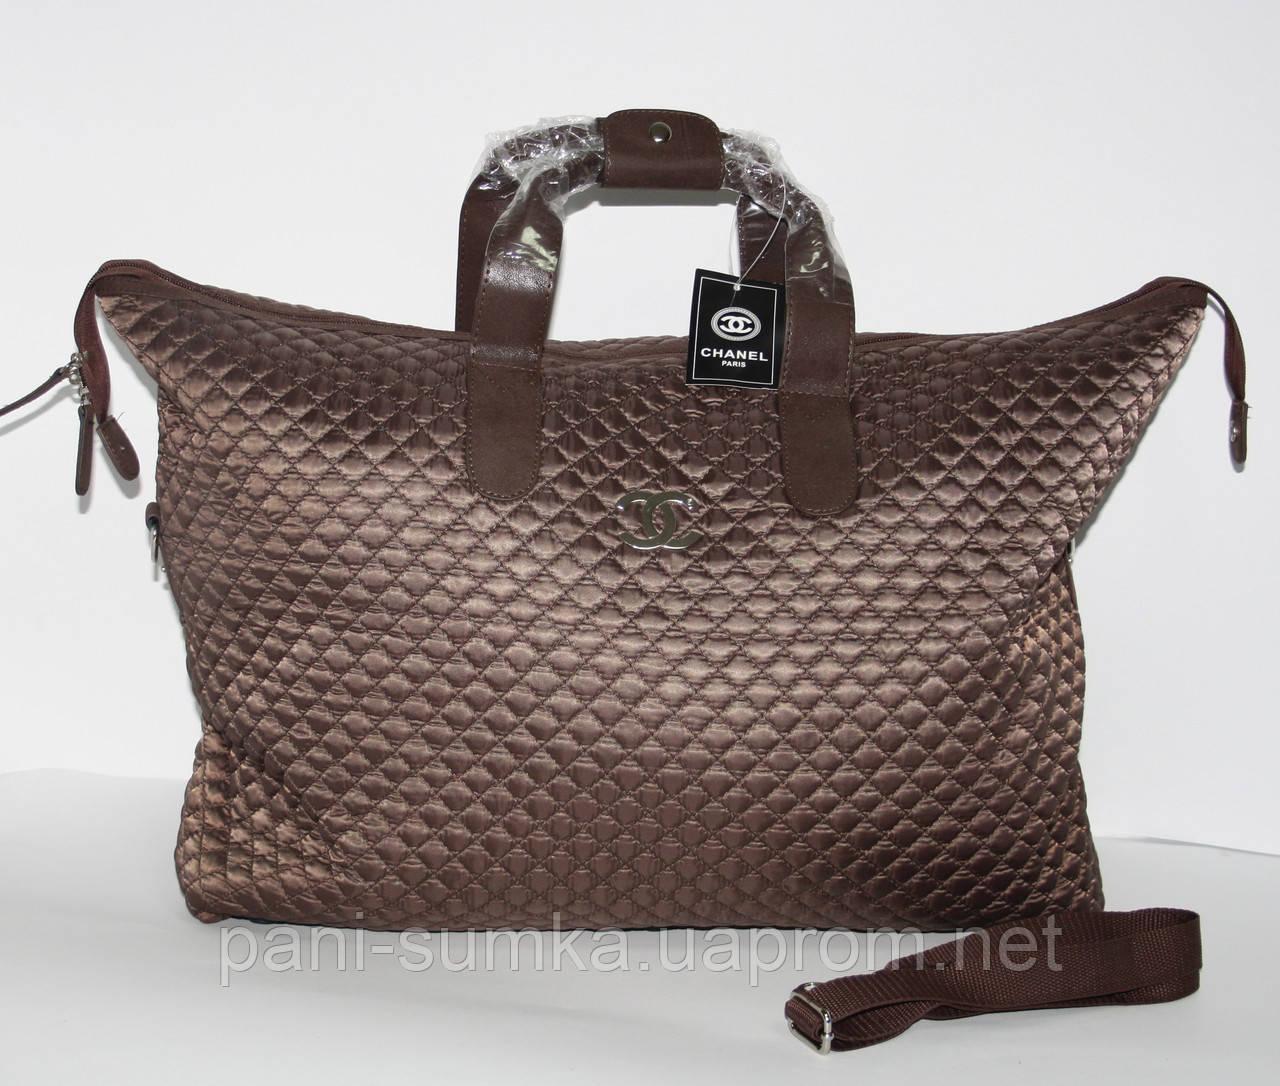 Дорожная сумка - саквояж Chanel 5338 коричневая стеганая, текстиль, фото 1 4b994ec37c2